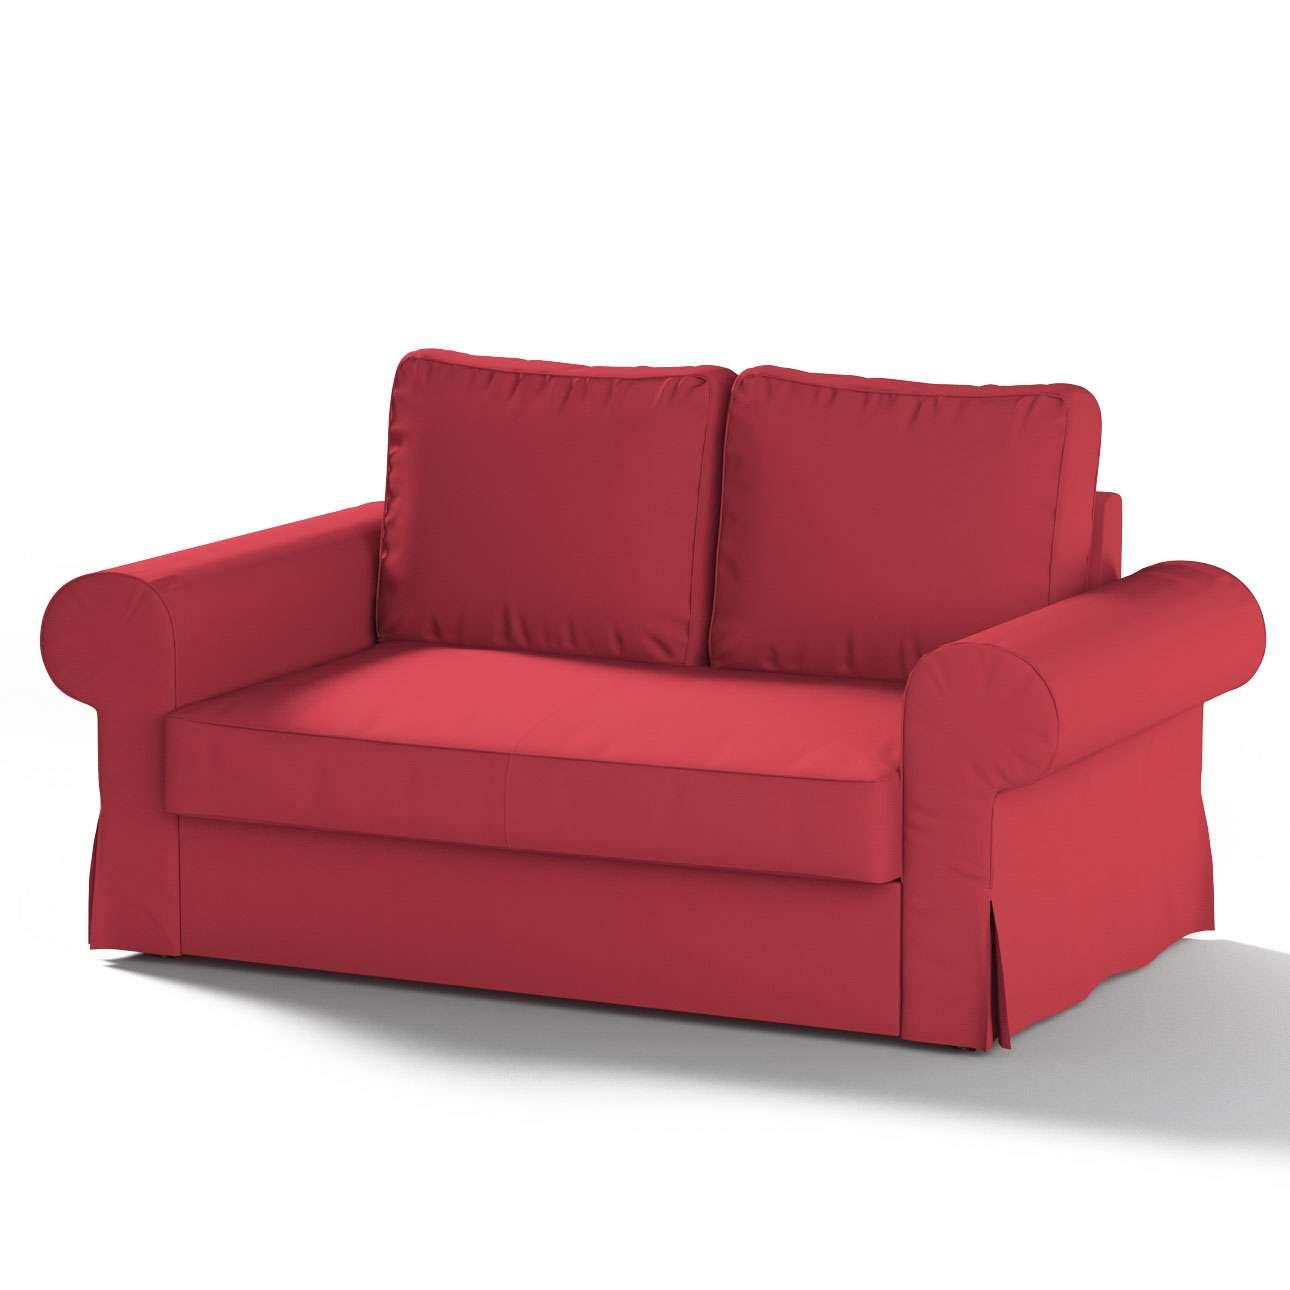 Bezug für Backabro 2-Sitzer Sofa ausklappbar von der Kollektion Etna, Stoff: 705-60